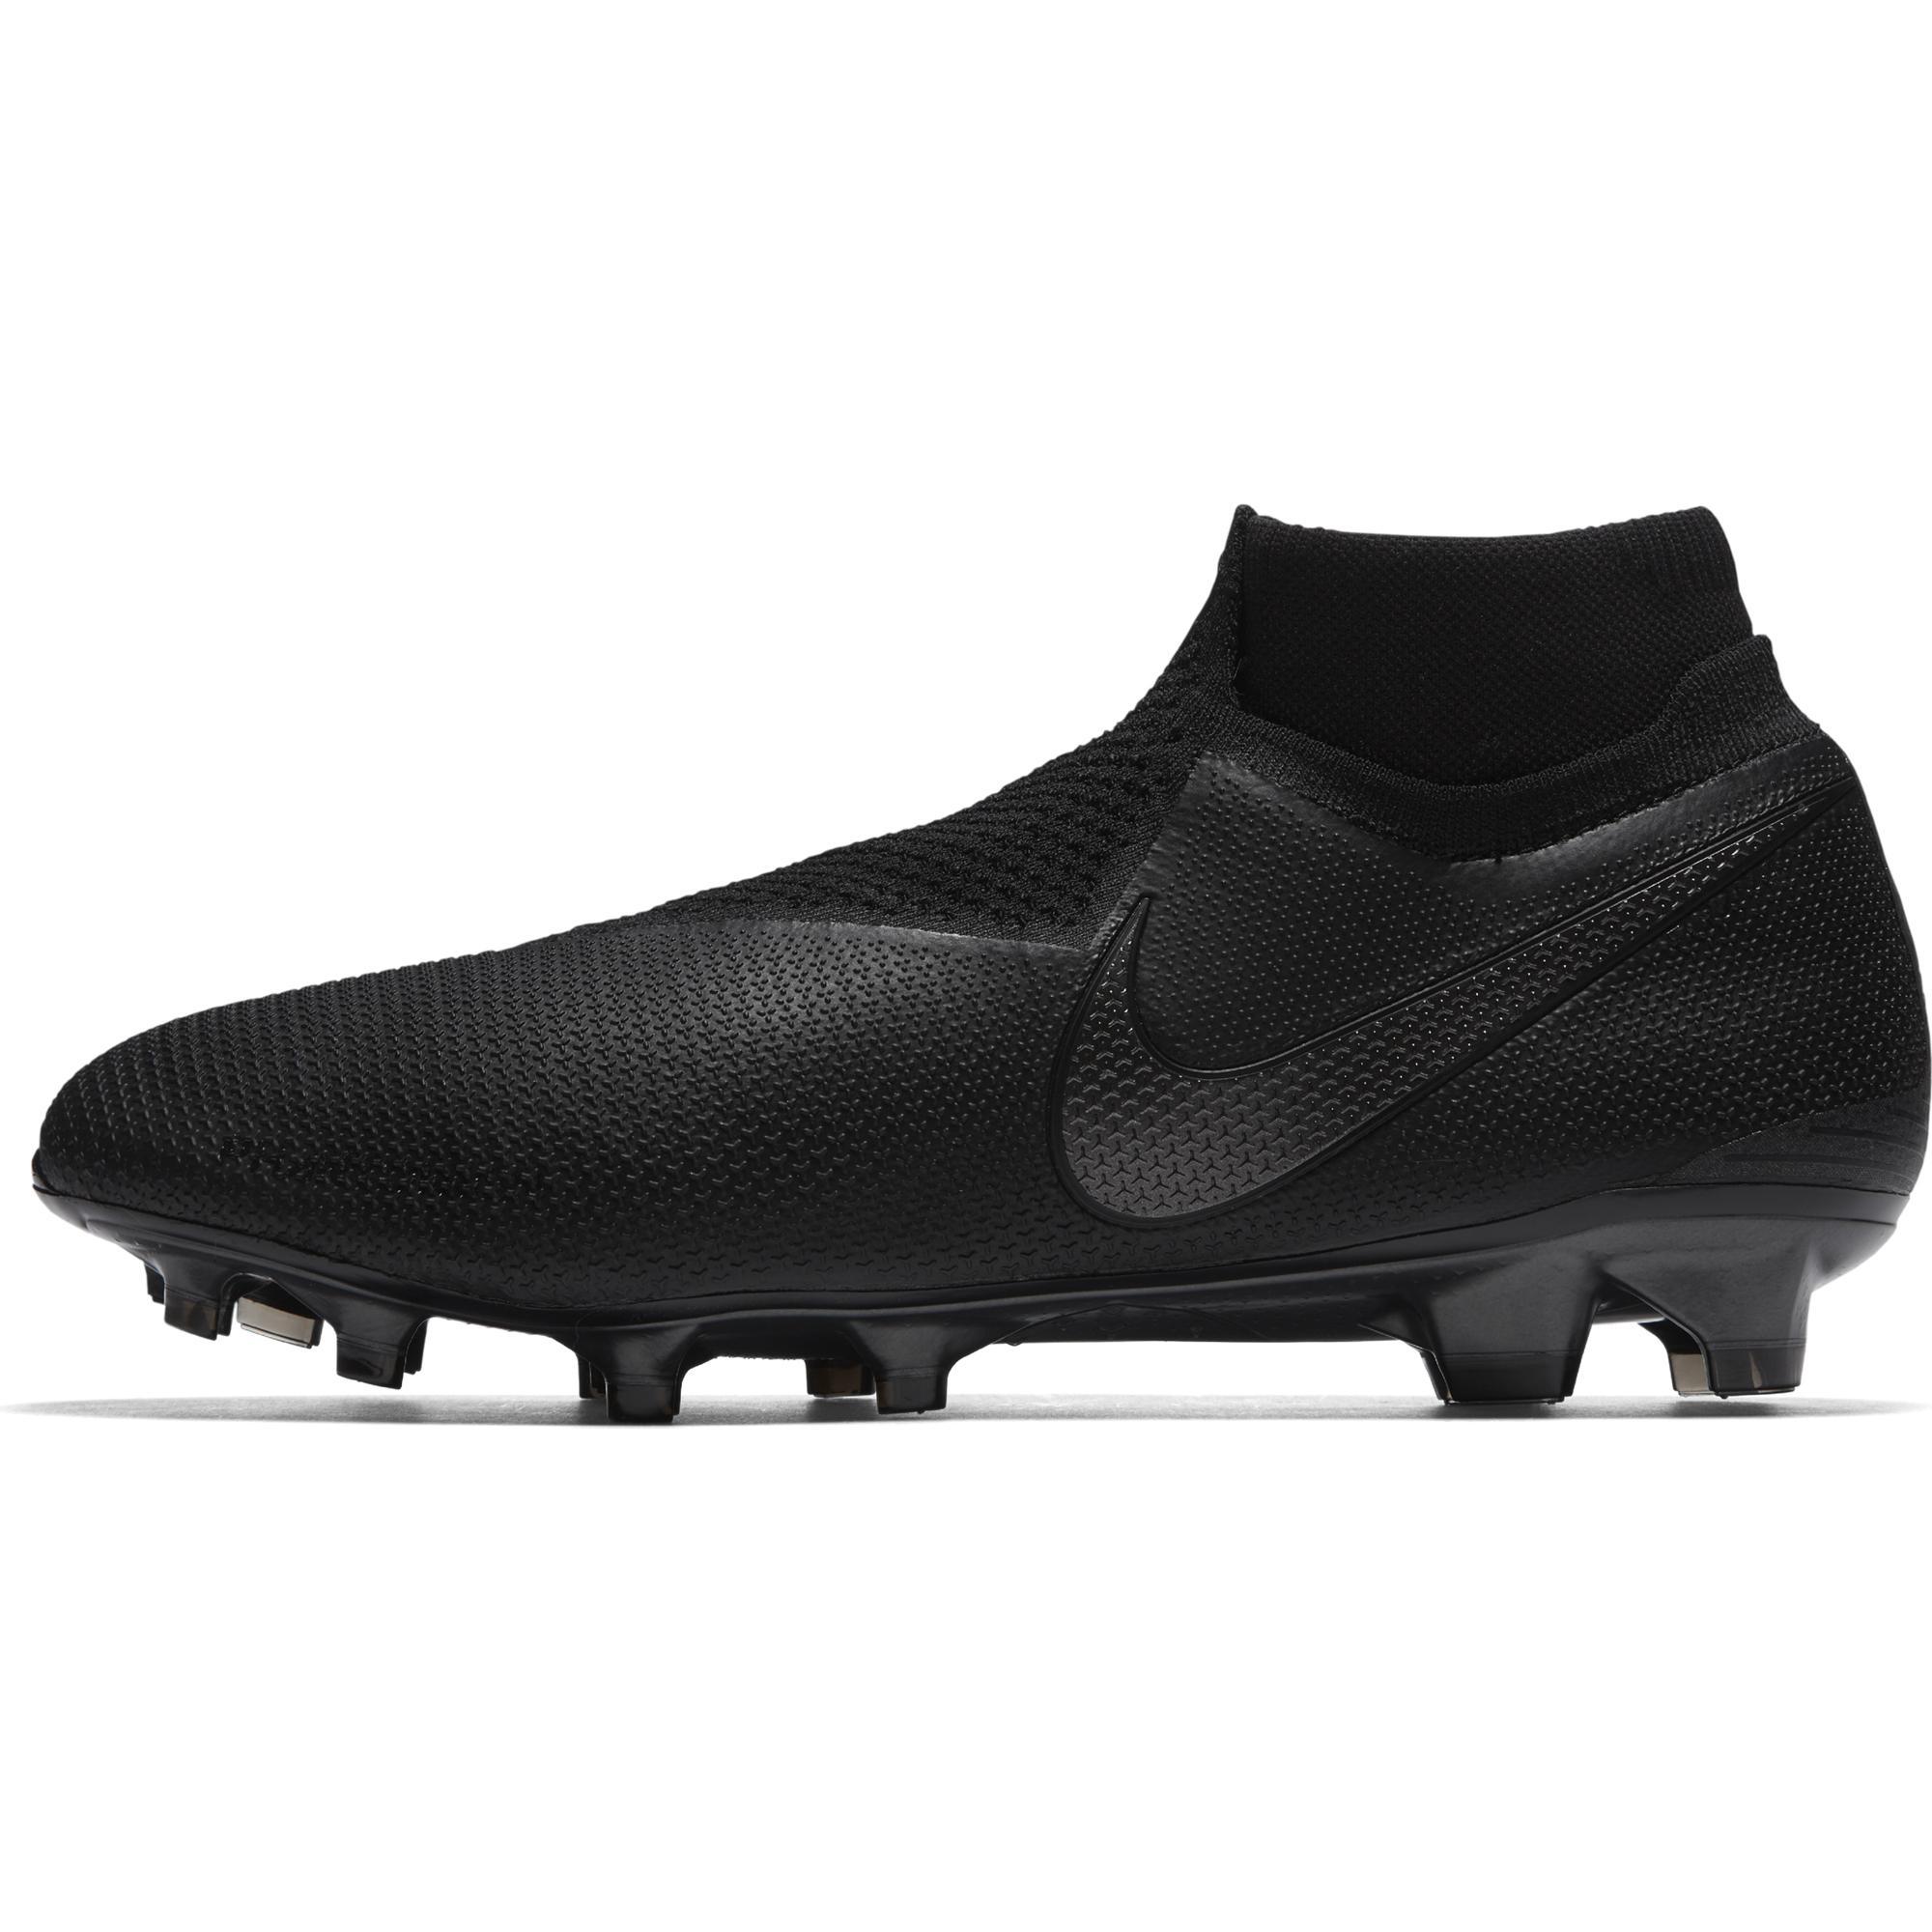 online store ff8b3 0b8e4 Nike Football Shoes PHANTOM VSN ELITE DF FG